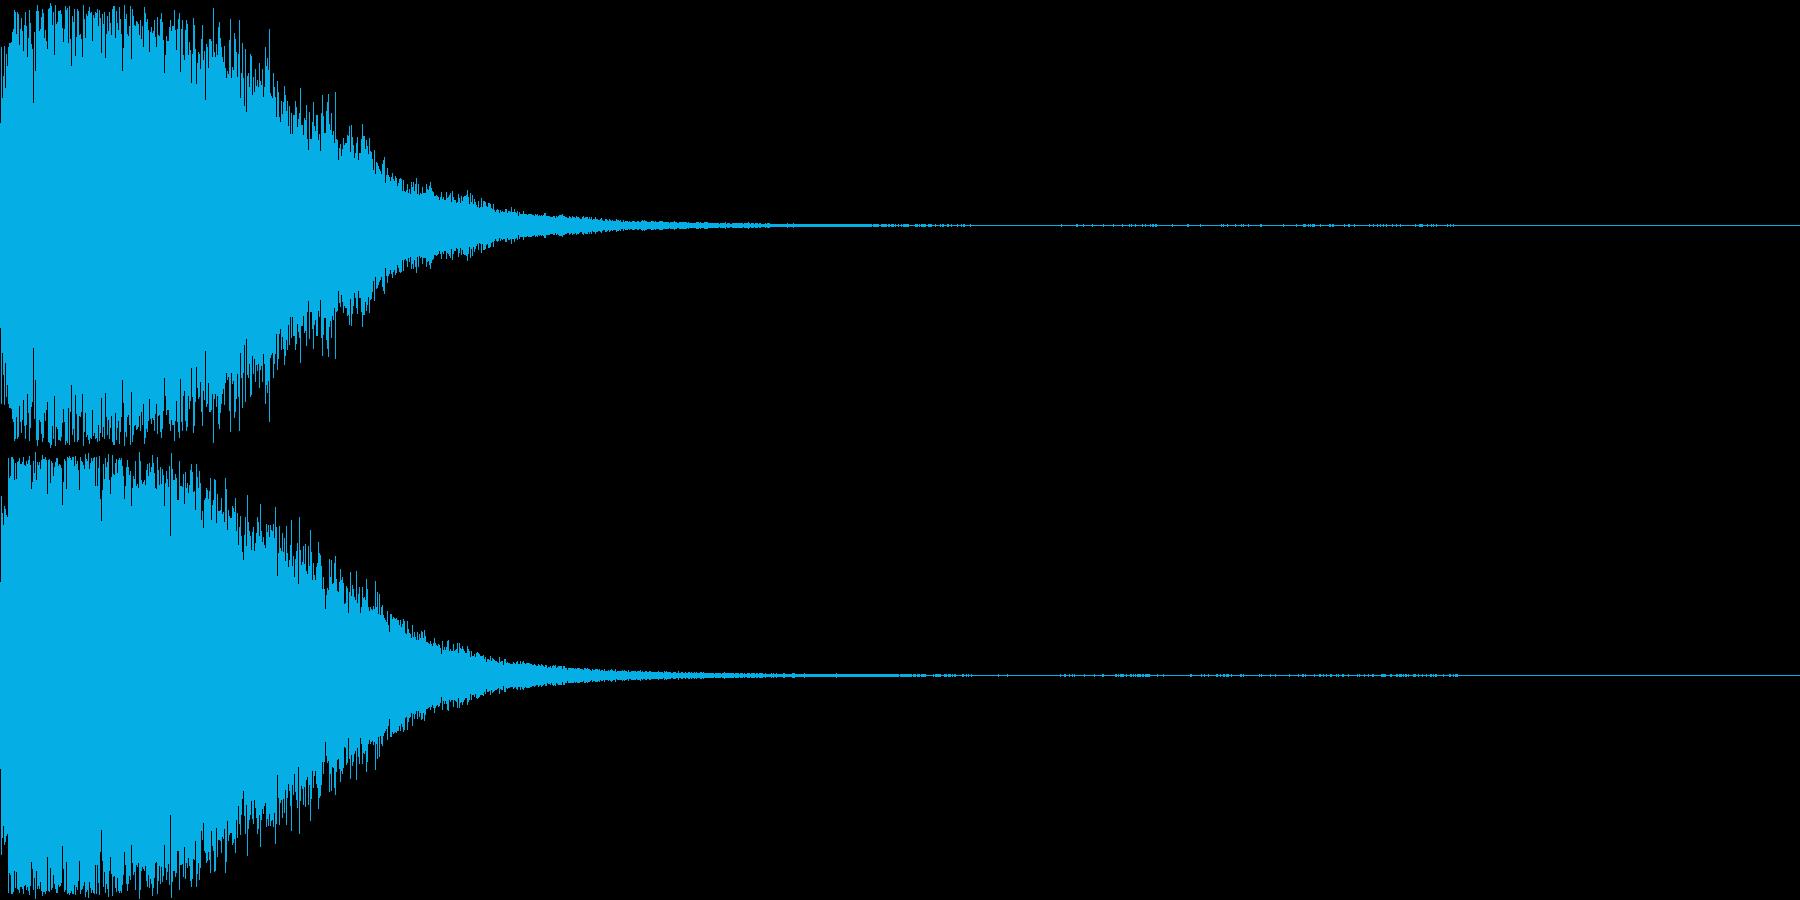 刀 剣 ソード カキーン キュイーン11の再生済みの波形